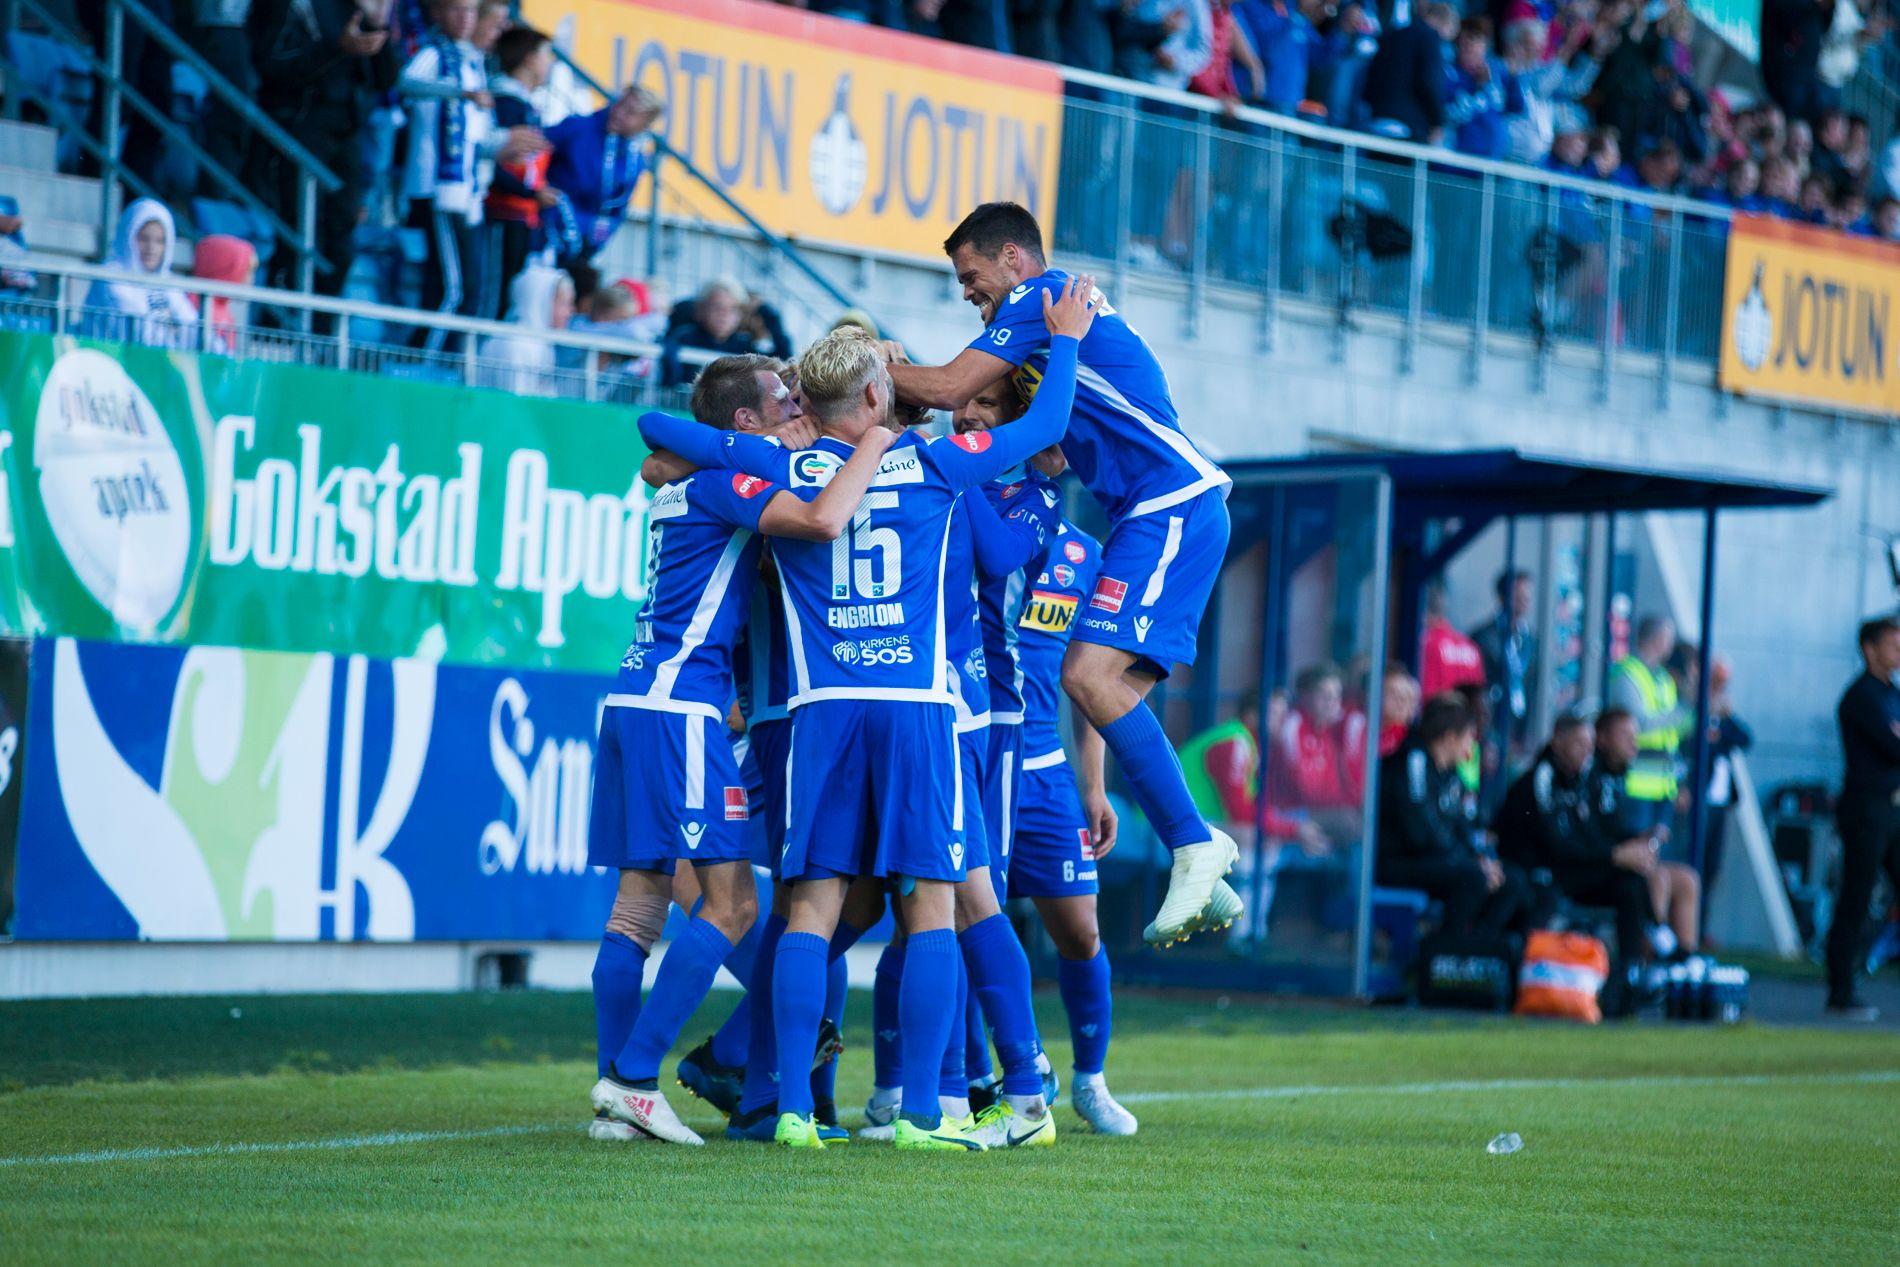 JUBEL: Sandefjord kunne juble for en vakker scoring og tre poeng mot Tromsø.